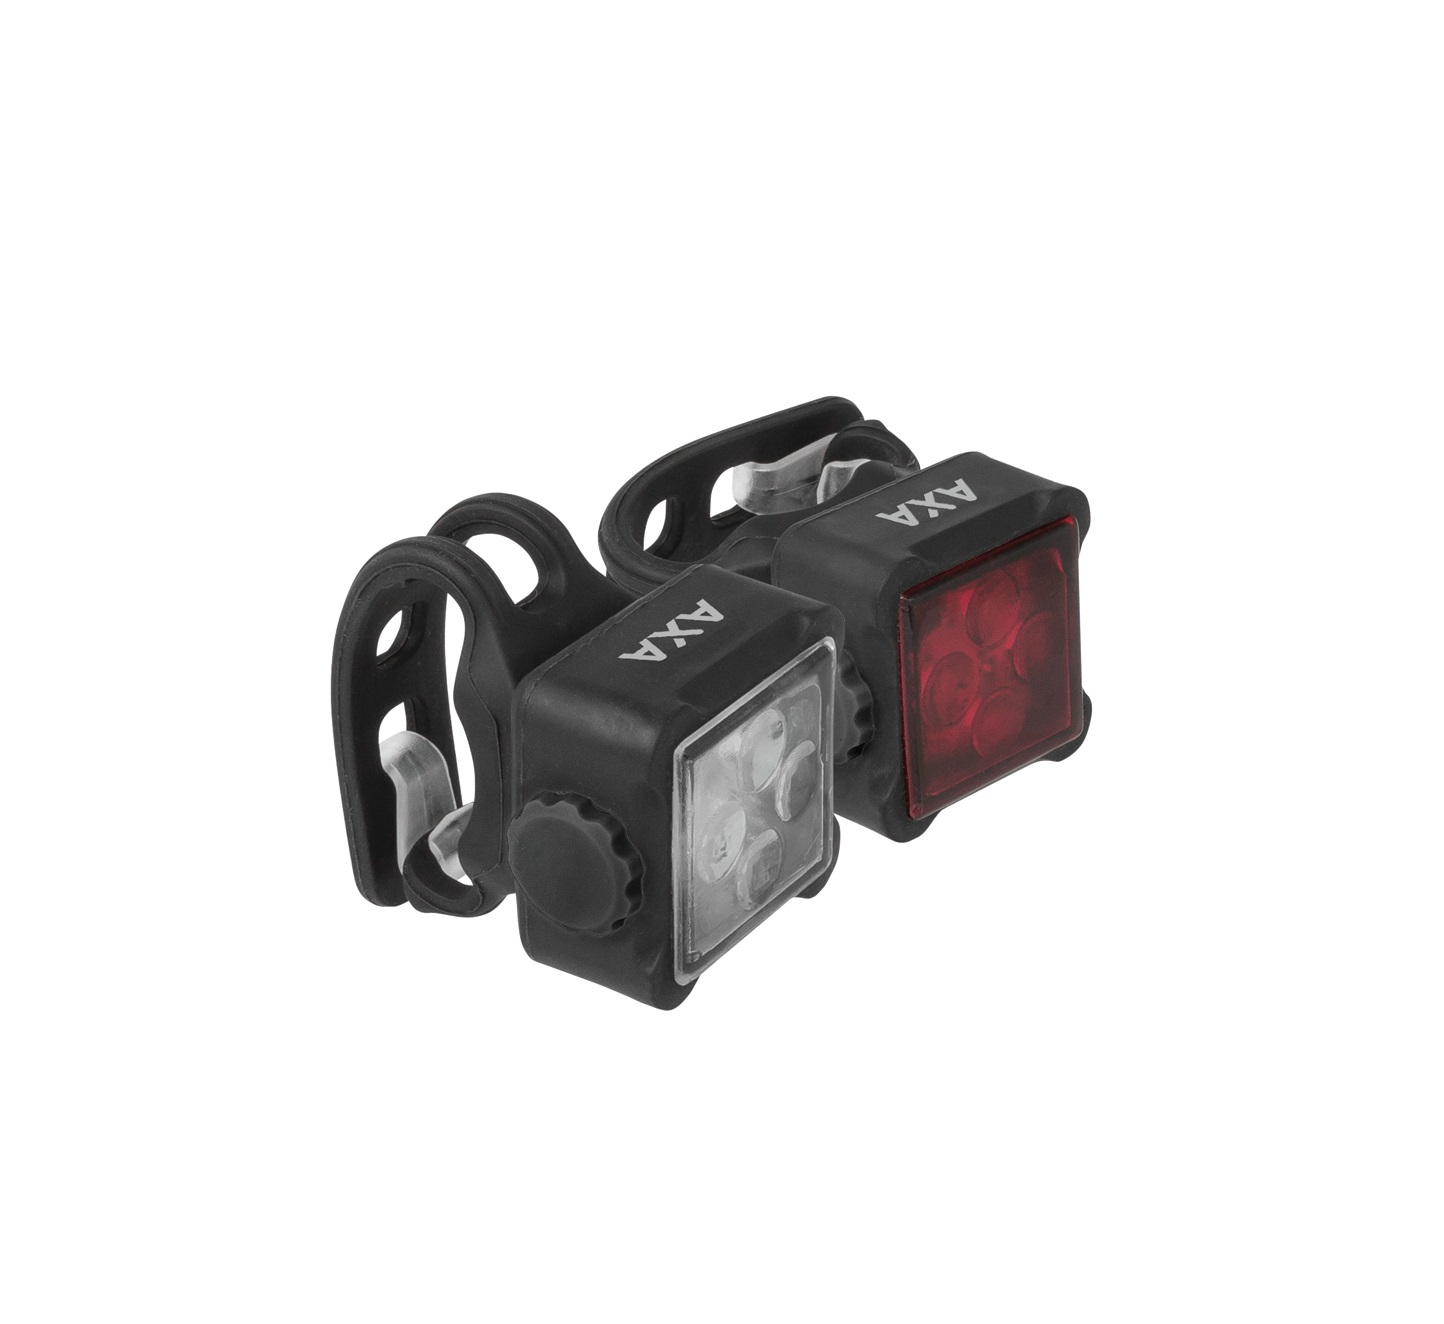 Luz Frontal e Traseira Axa Niteline 44-R Go By Bike